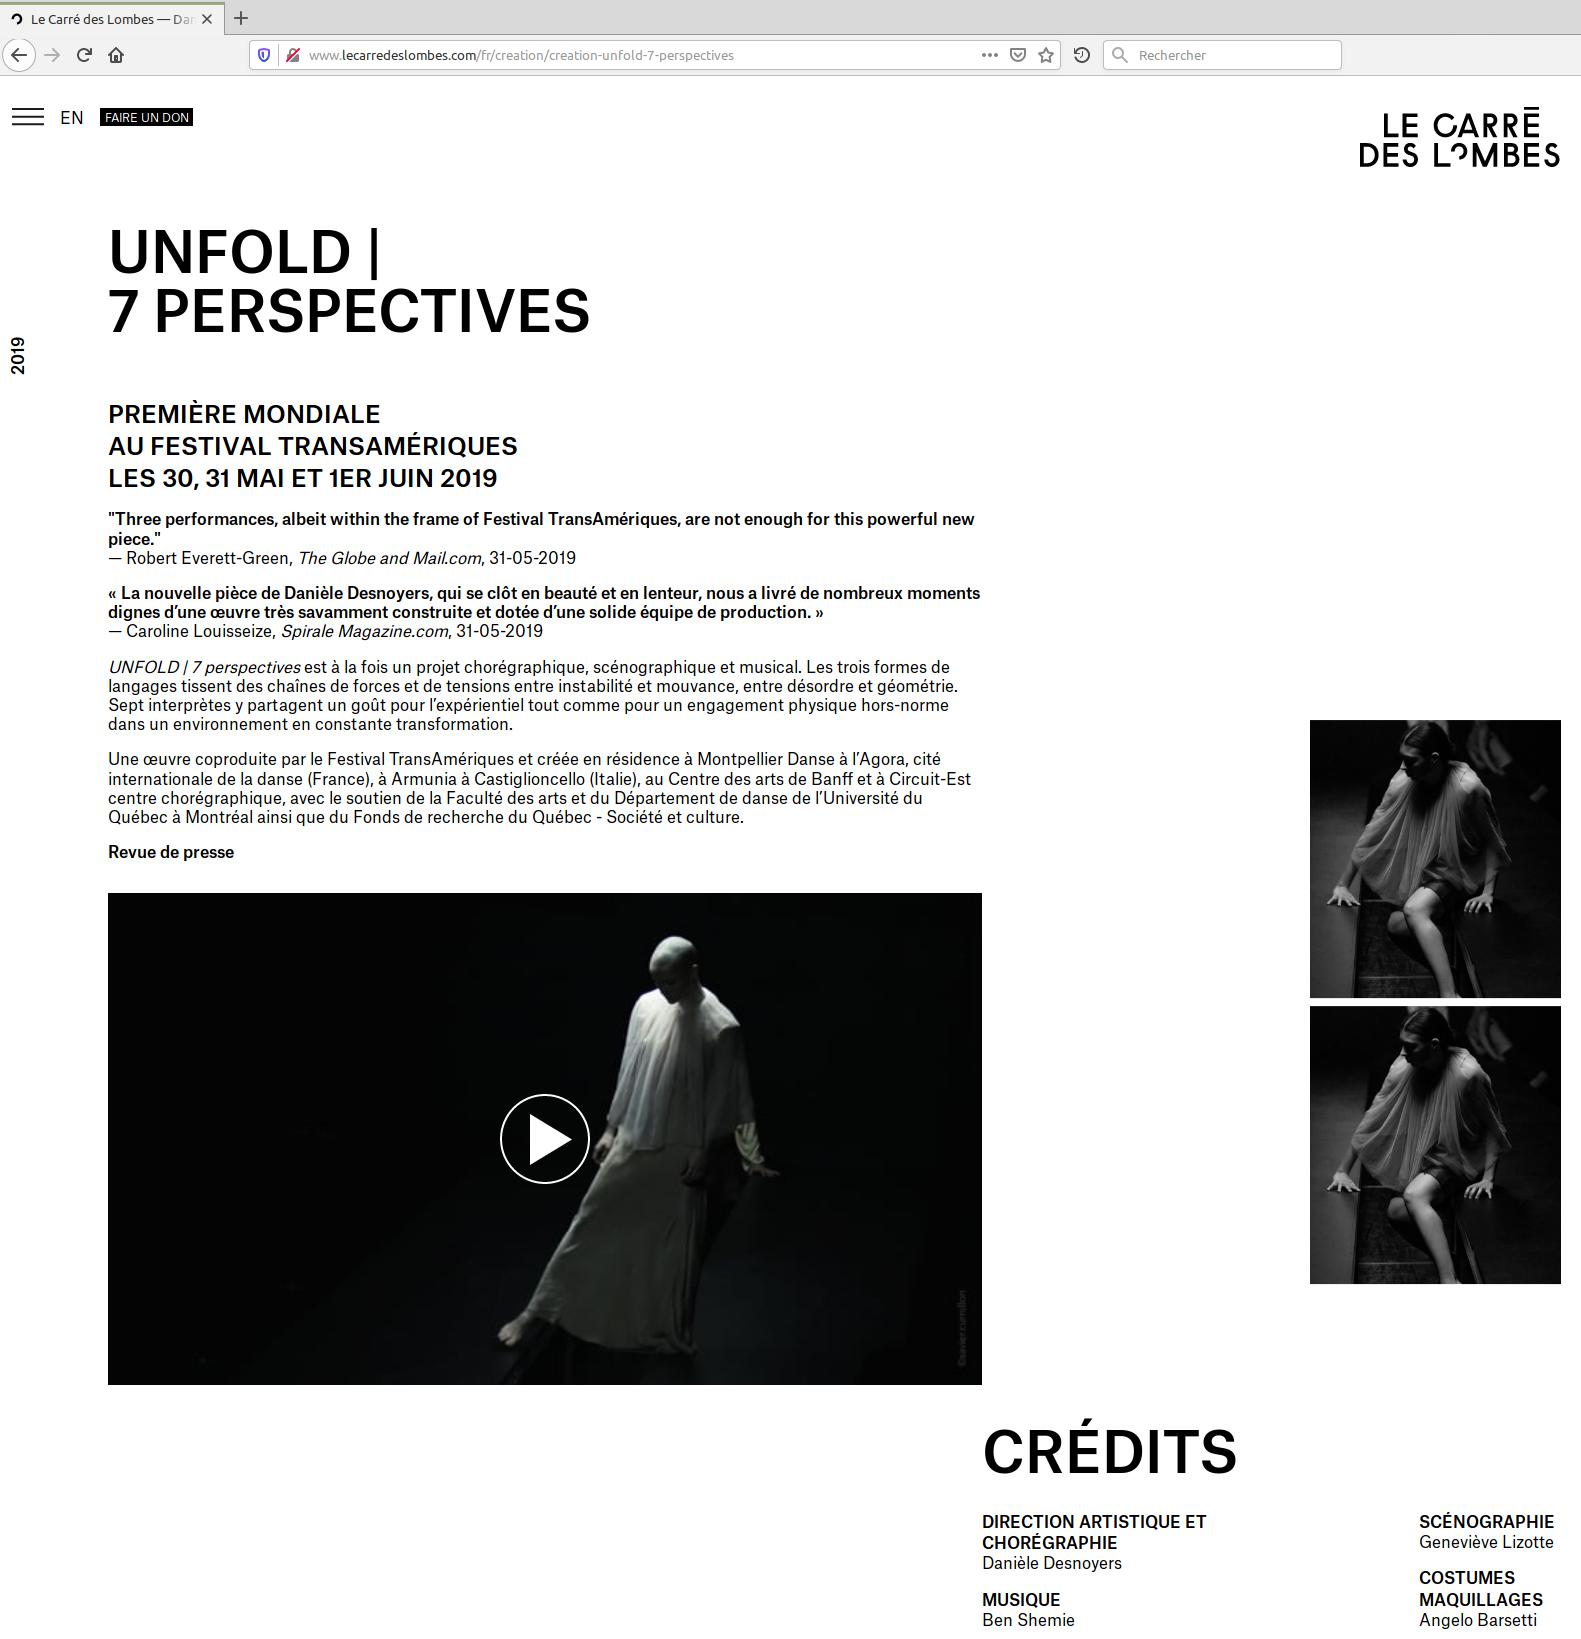 Page web de la création UNFOLD | 7 perspectives.